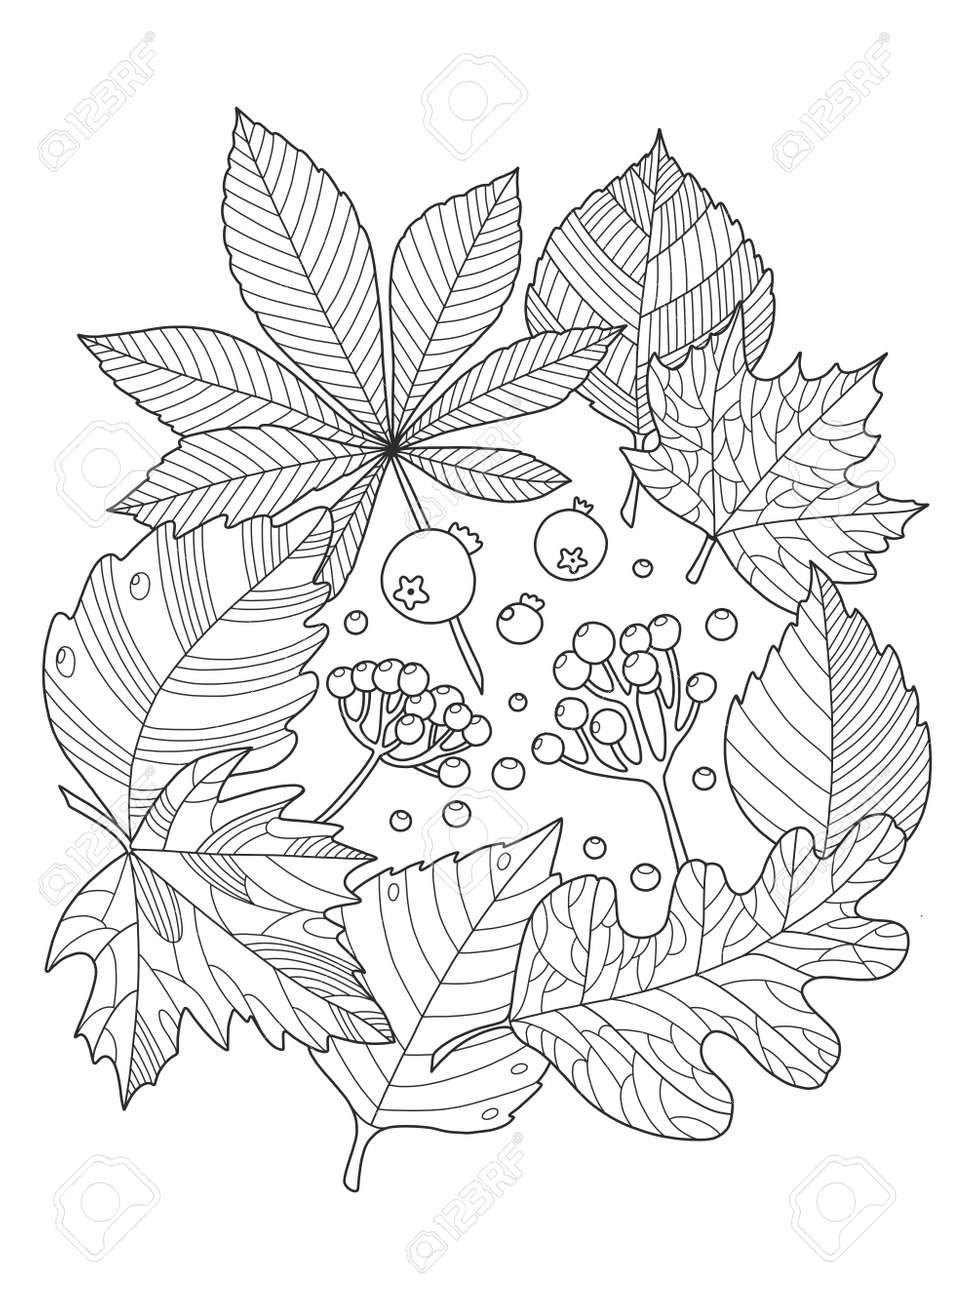 Hojas De Los árboles De Follaje Para Colorear La Ilustración De Libros De Vectores Antiestrés Colorear Libro Para Adultos Plantilla Del Tatuaje